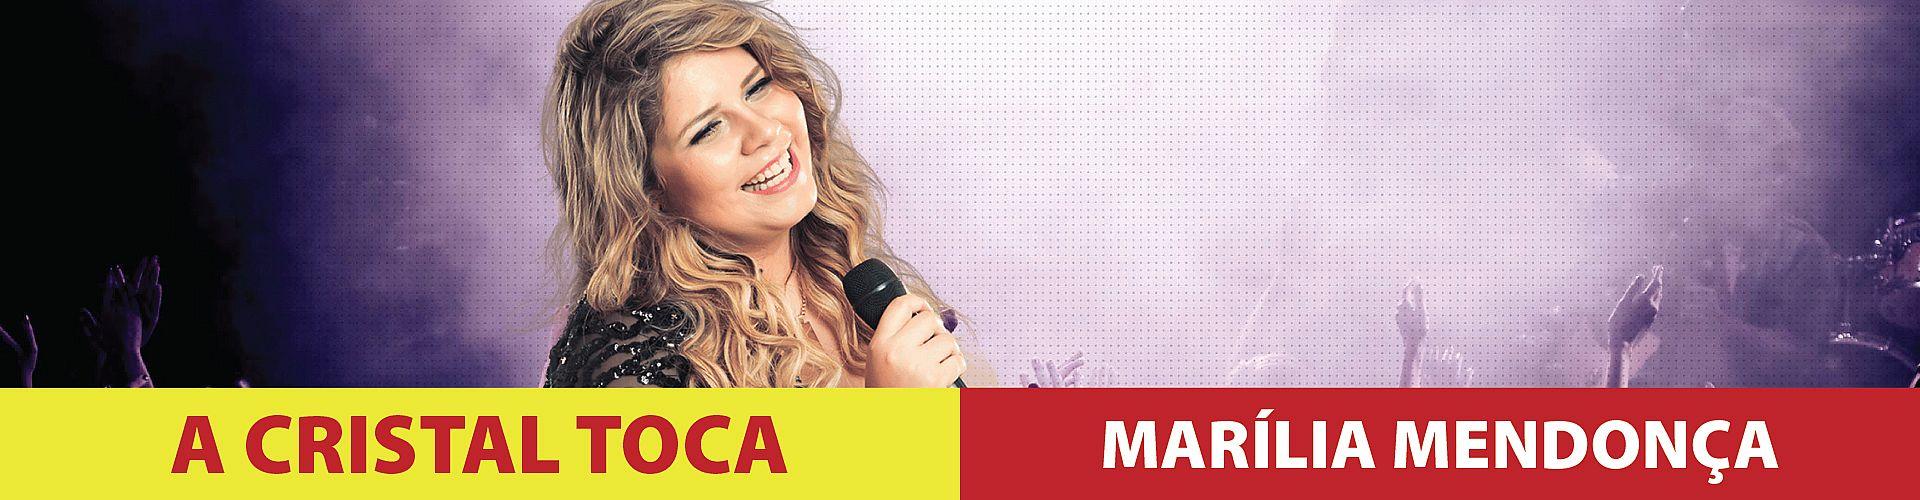 A Cristal Toca - Marília Mendonça